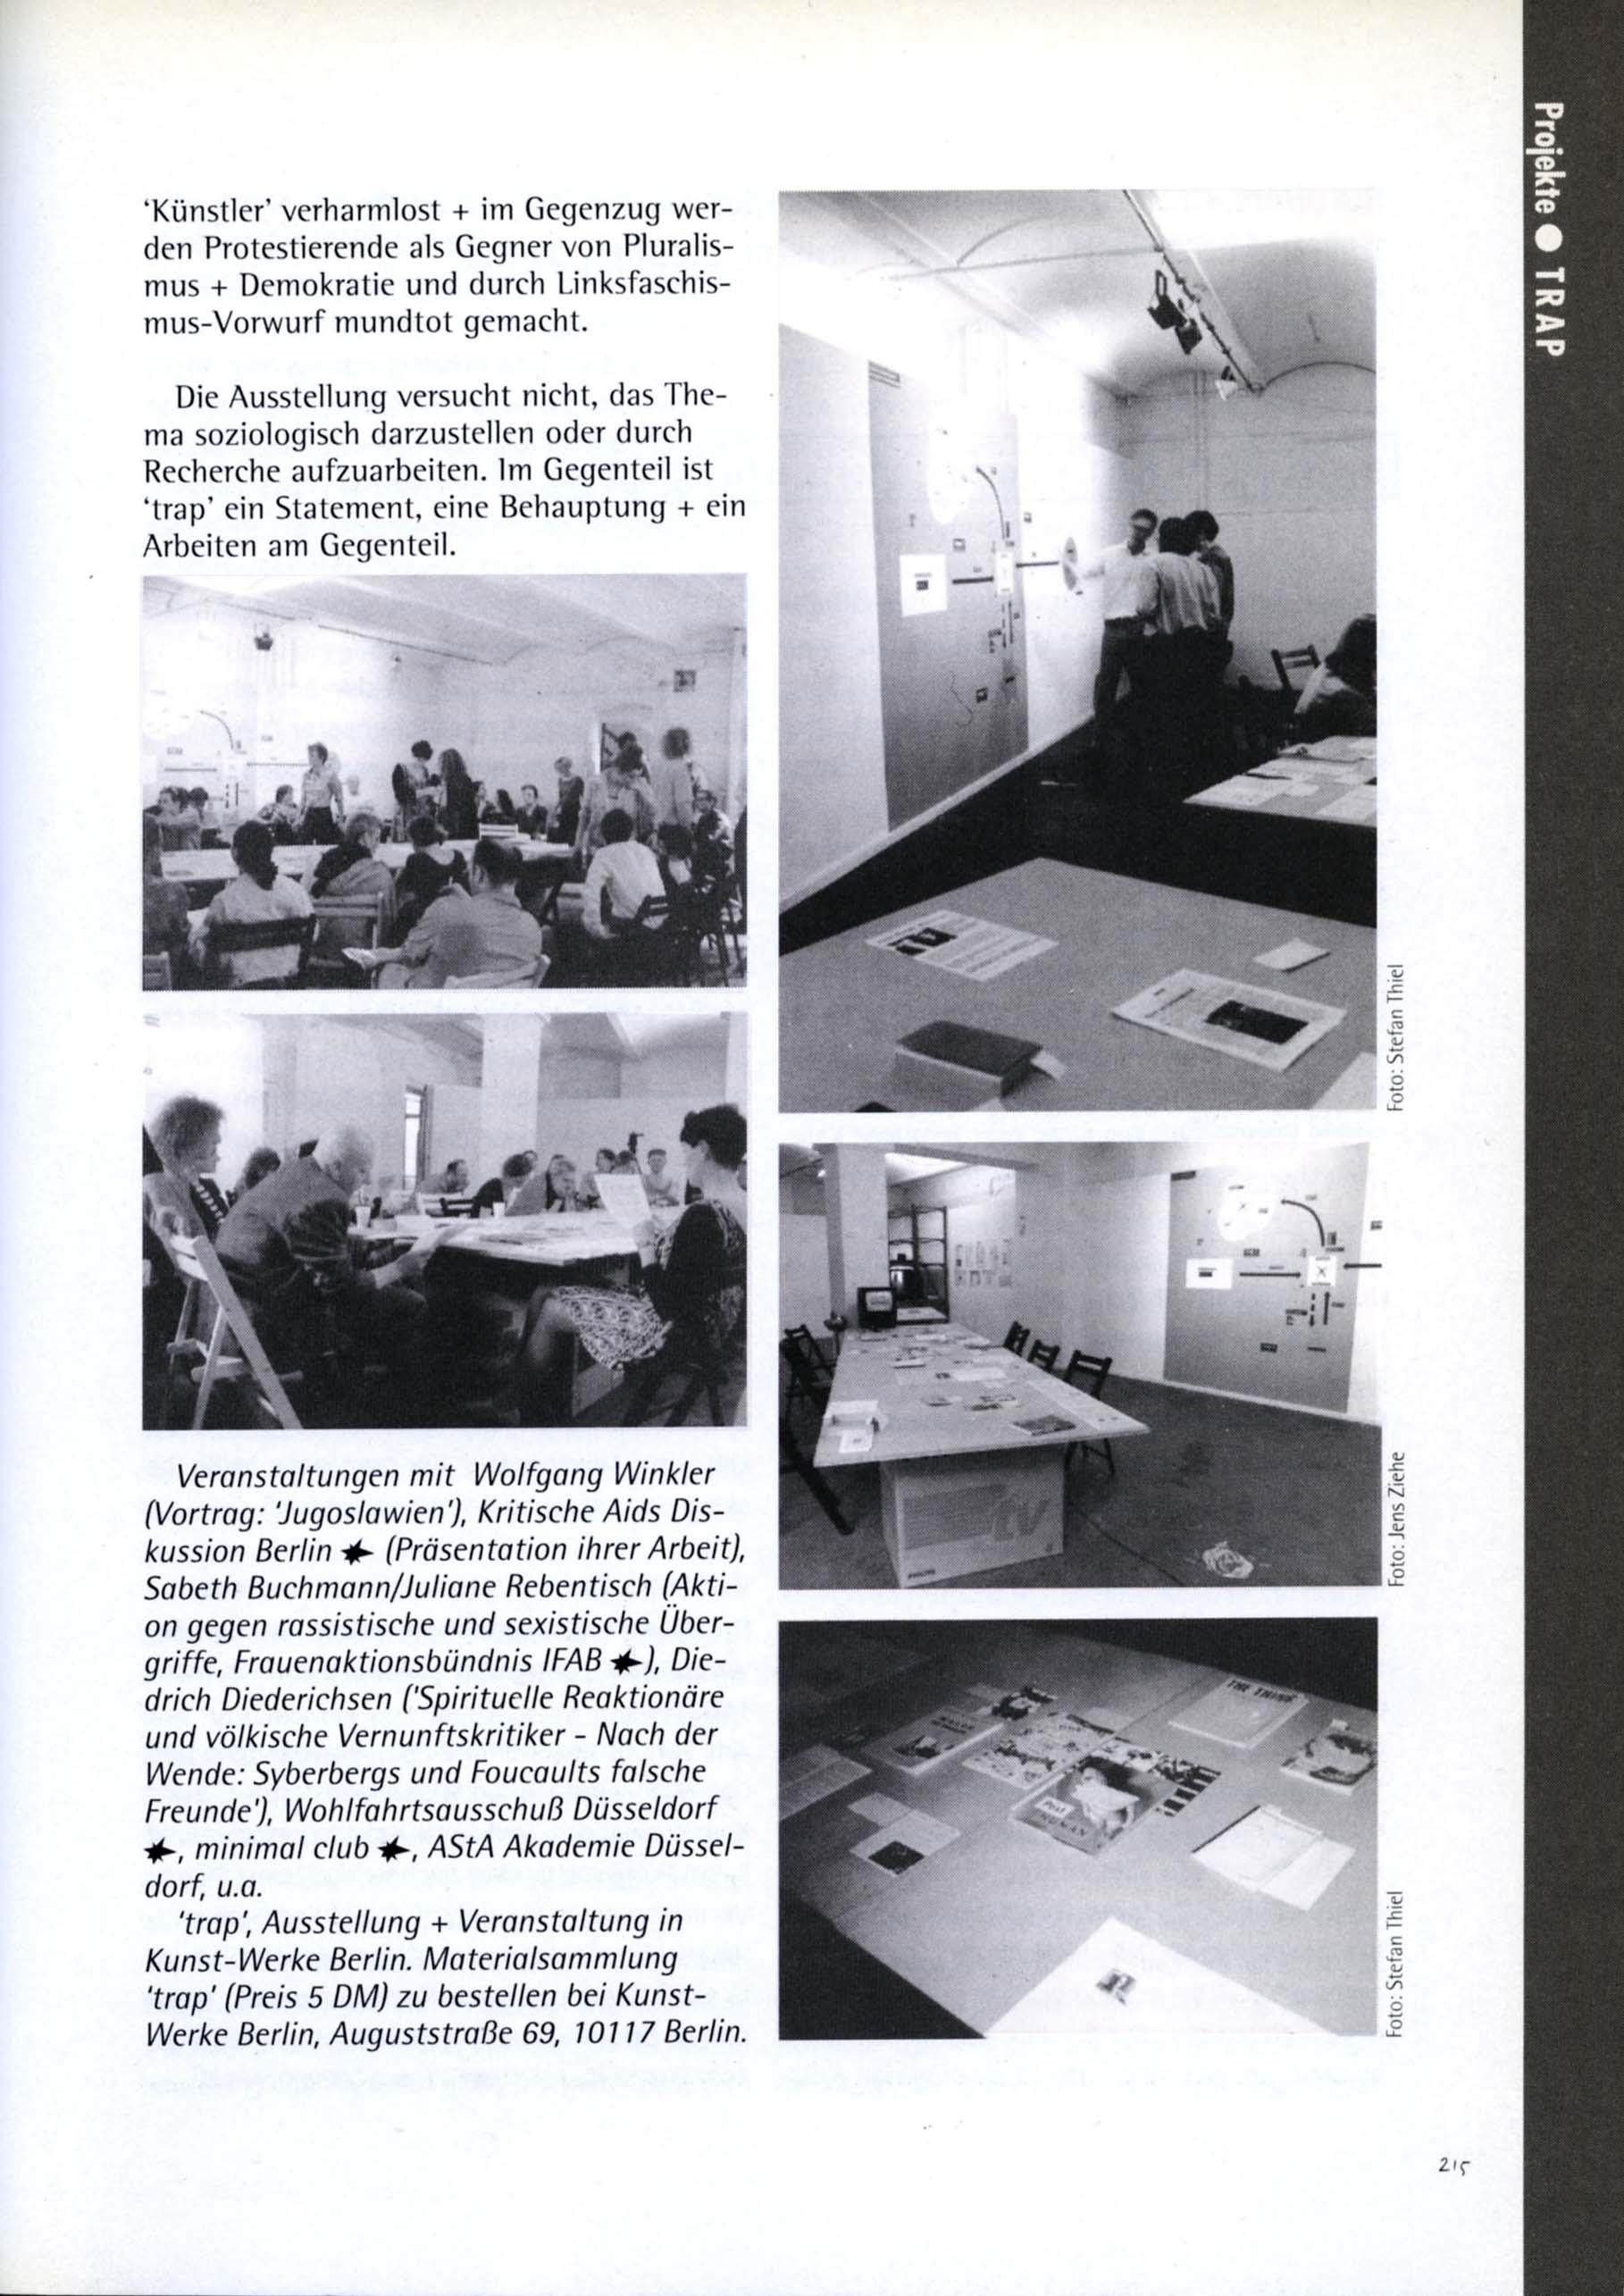 """""""trap"""" documented in 'COPYSHOP: Kunstpraxis & Politische """"Offentlichkeit"""" Ein Sampler von BüroBert' 1993 p215"""